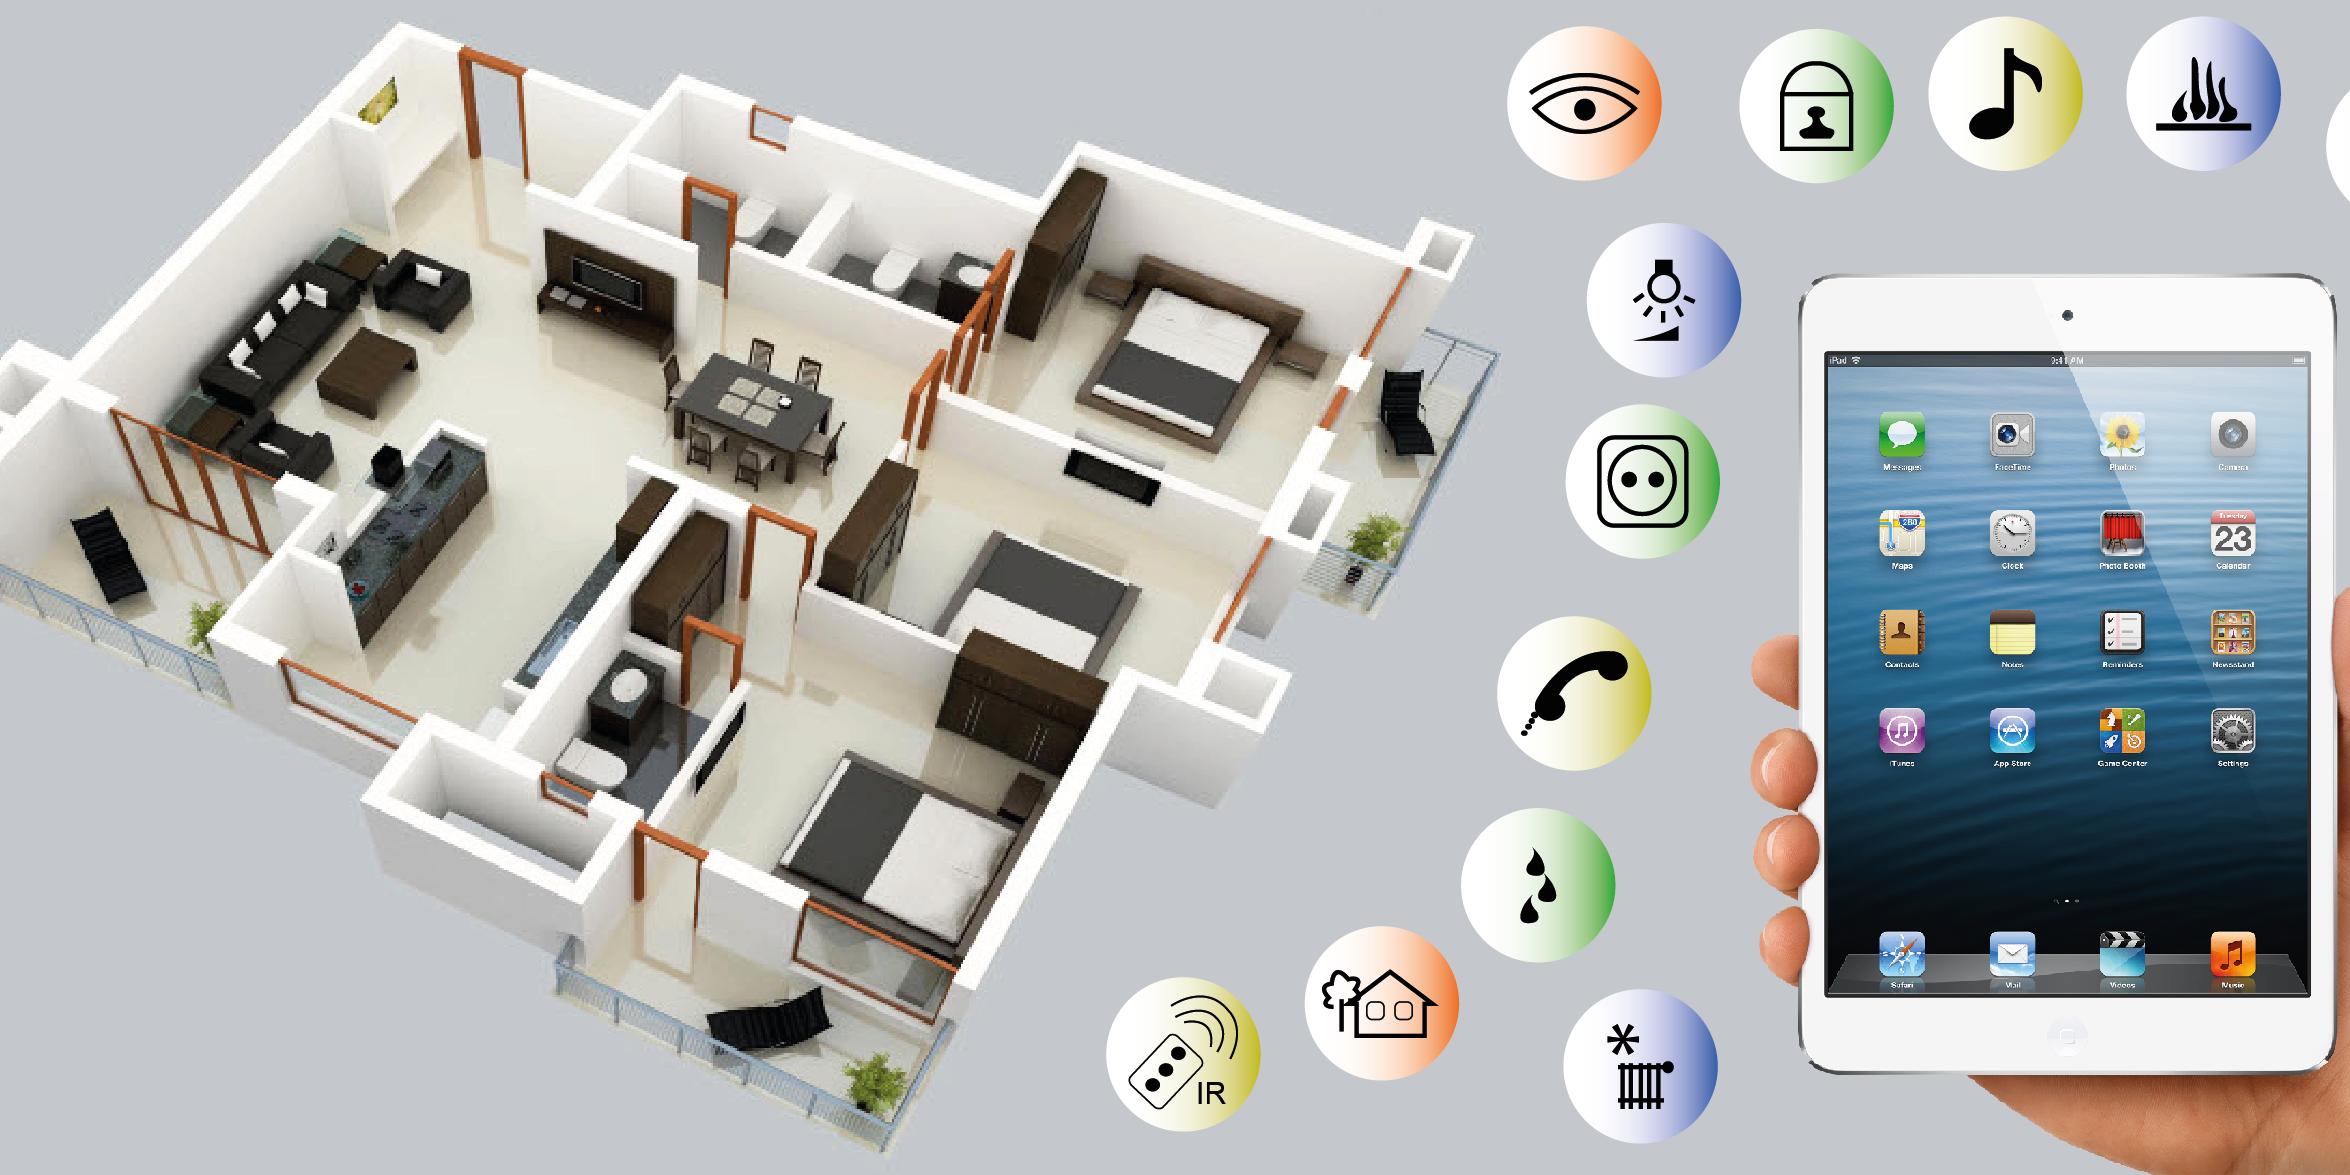 Dom tica el presente del futuro construimos tu casa - Domotica en casa ...